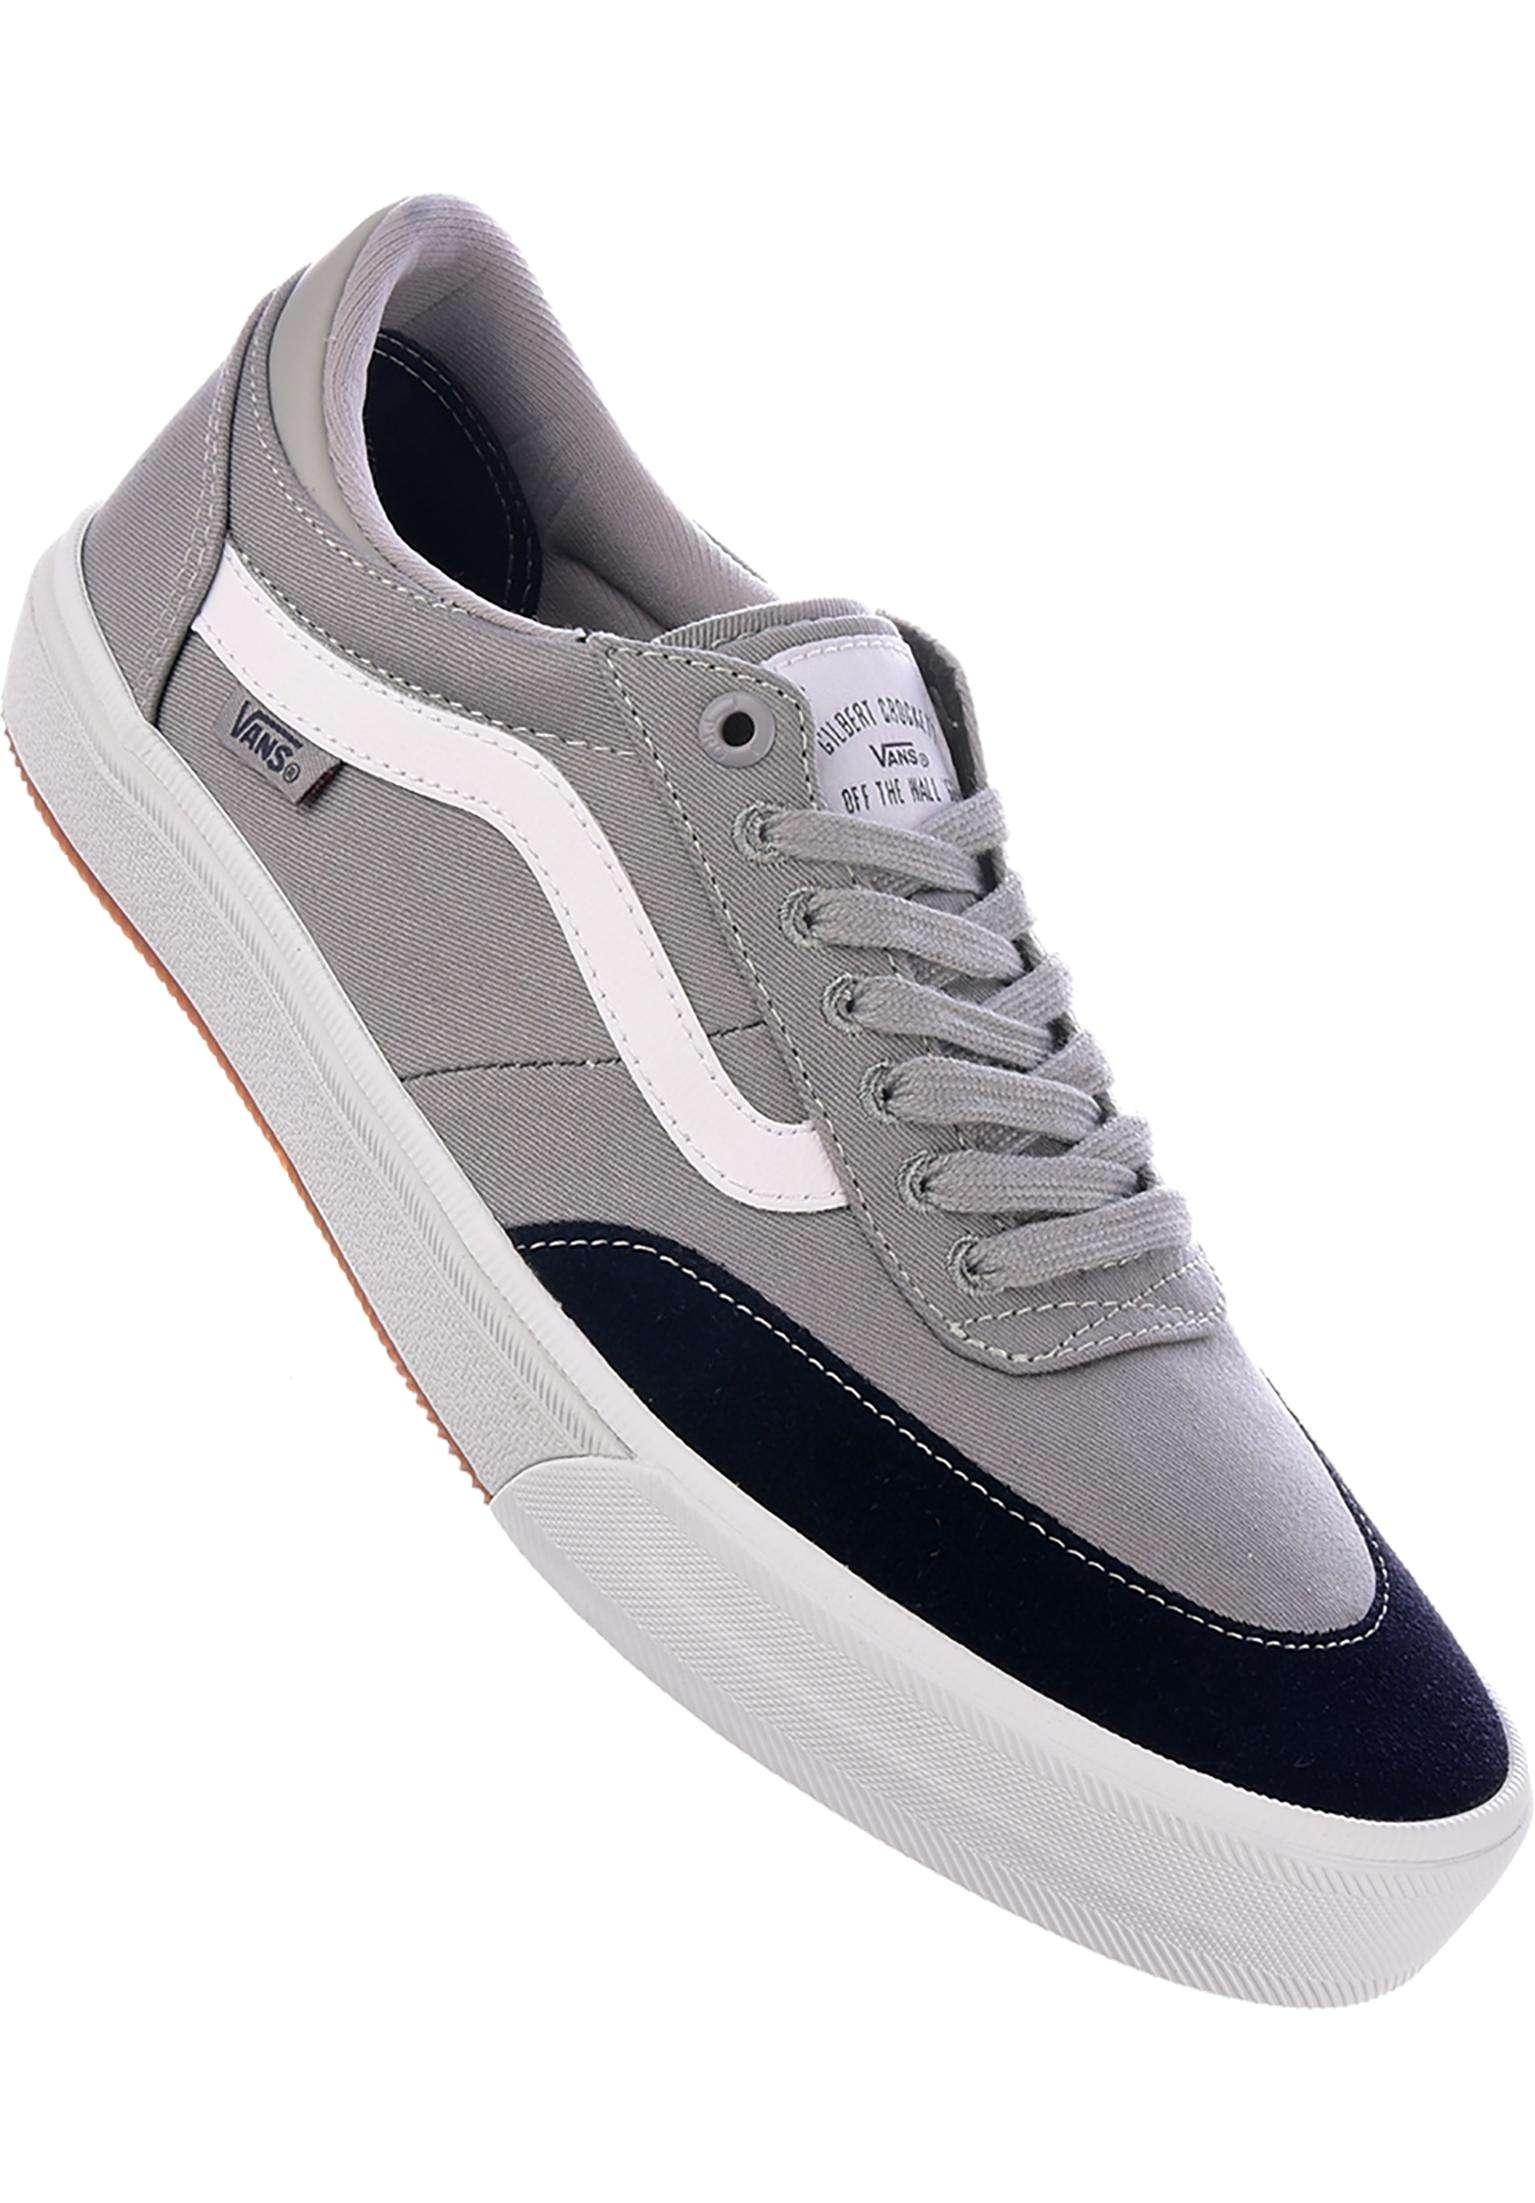 fb1709c59ed Gilbert Crockett Pro 2 Vans All Shoes in alloy-night for Men